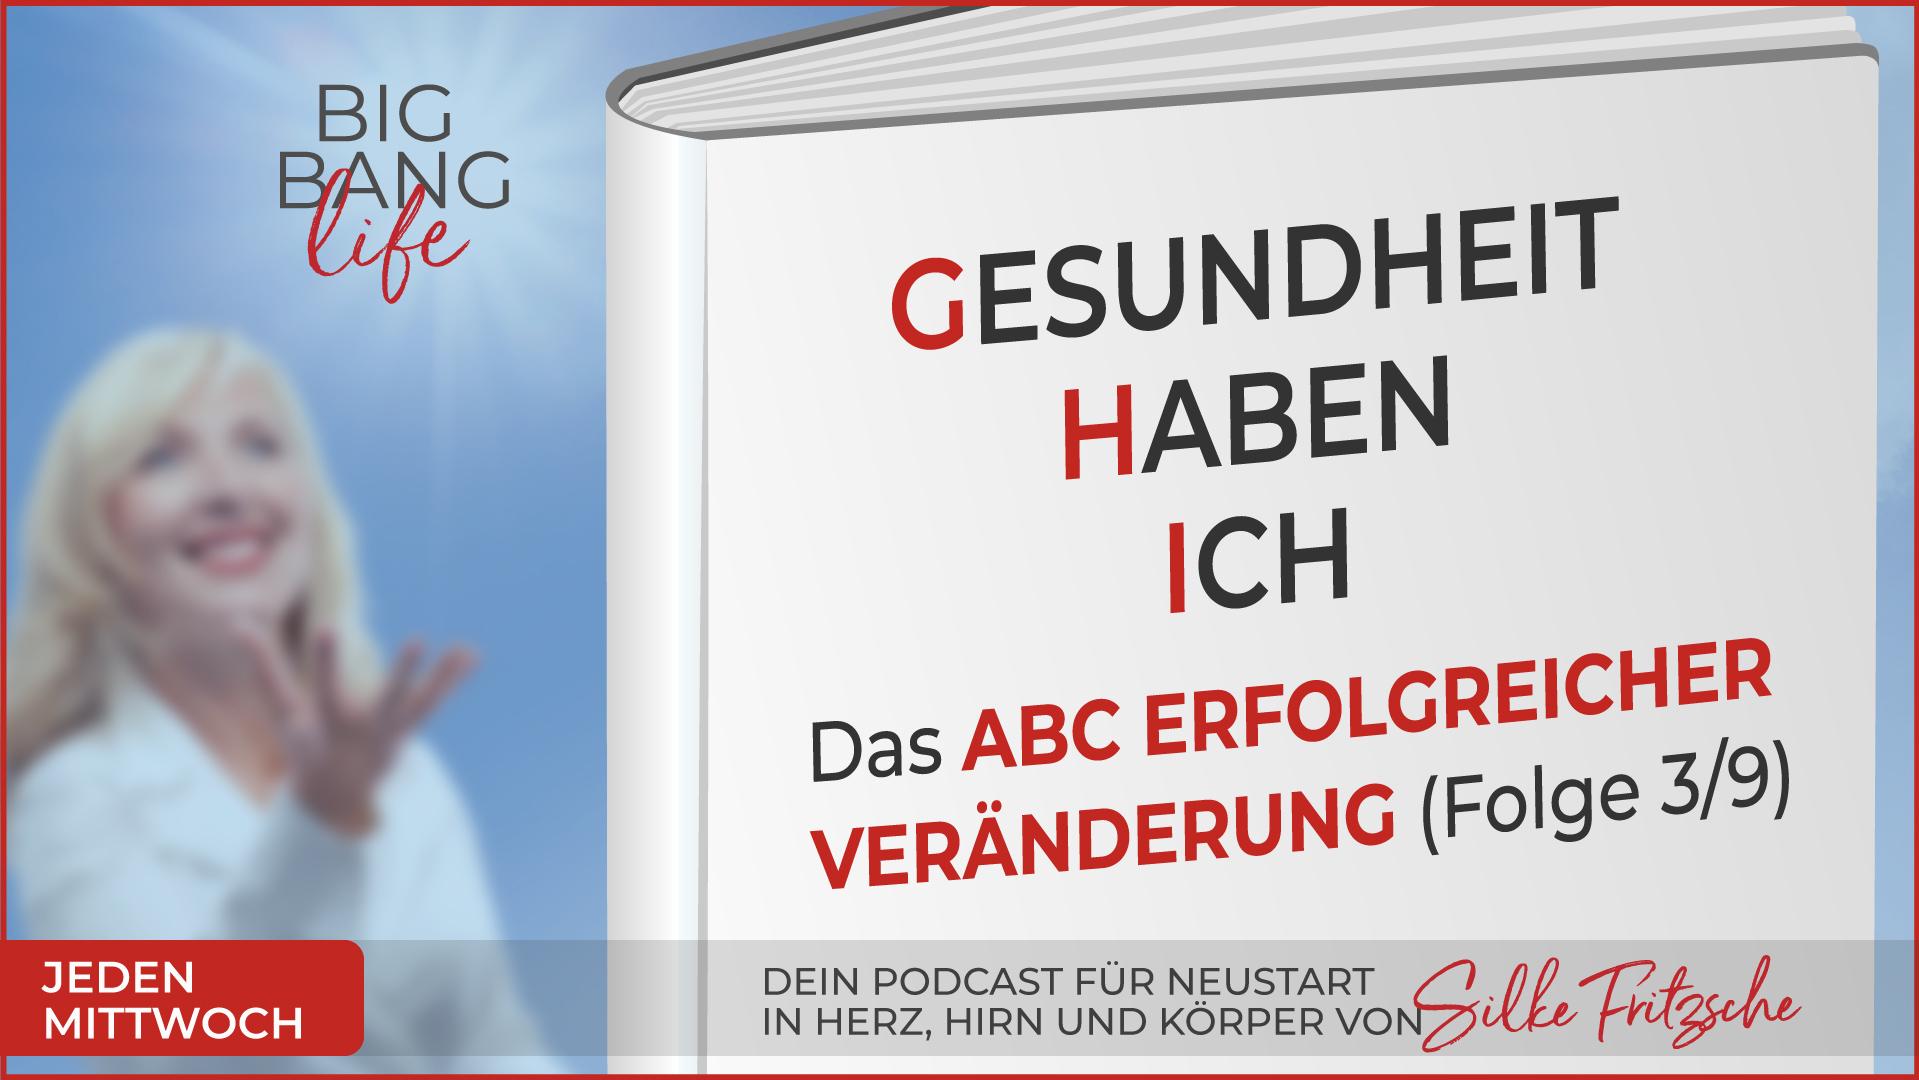 BBL-ABC-Serie_Folge-3_Gesundheit-Haben-Ich